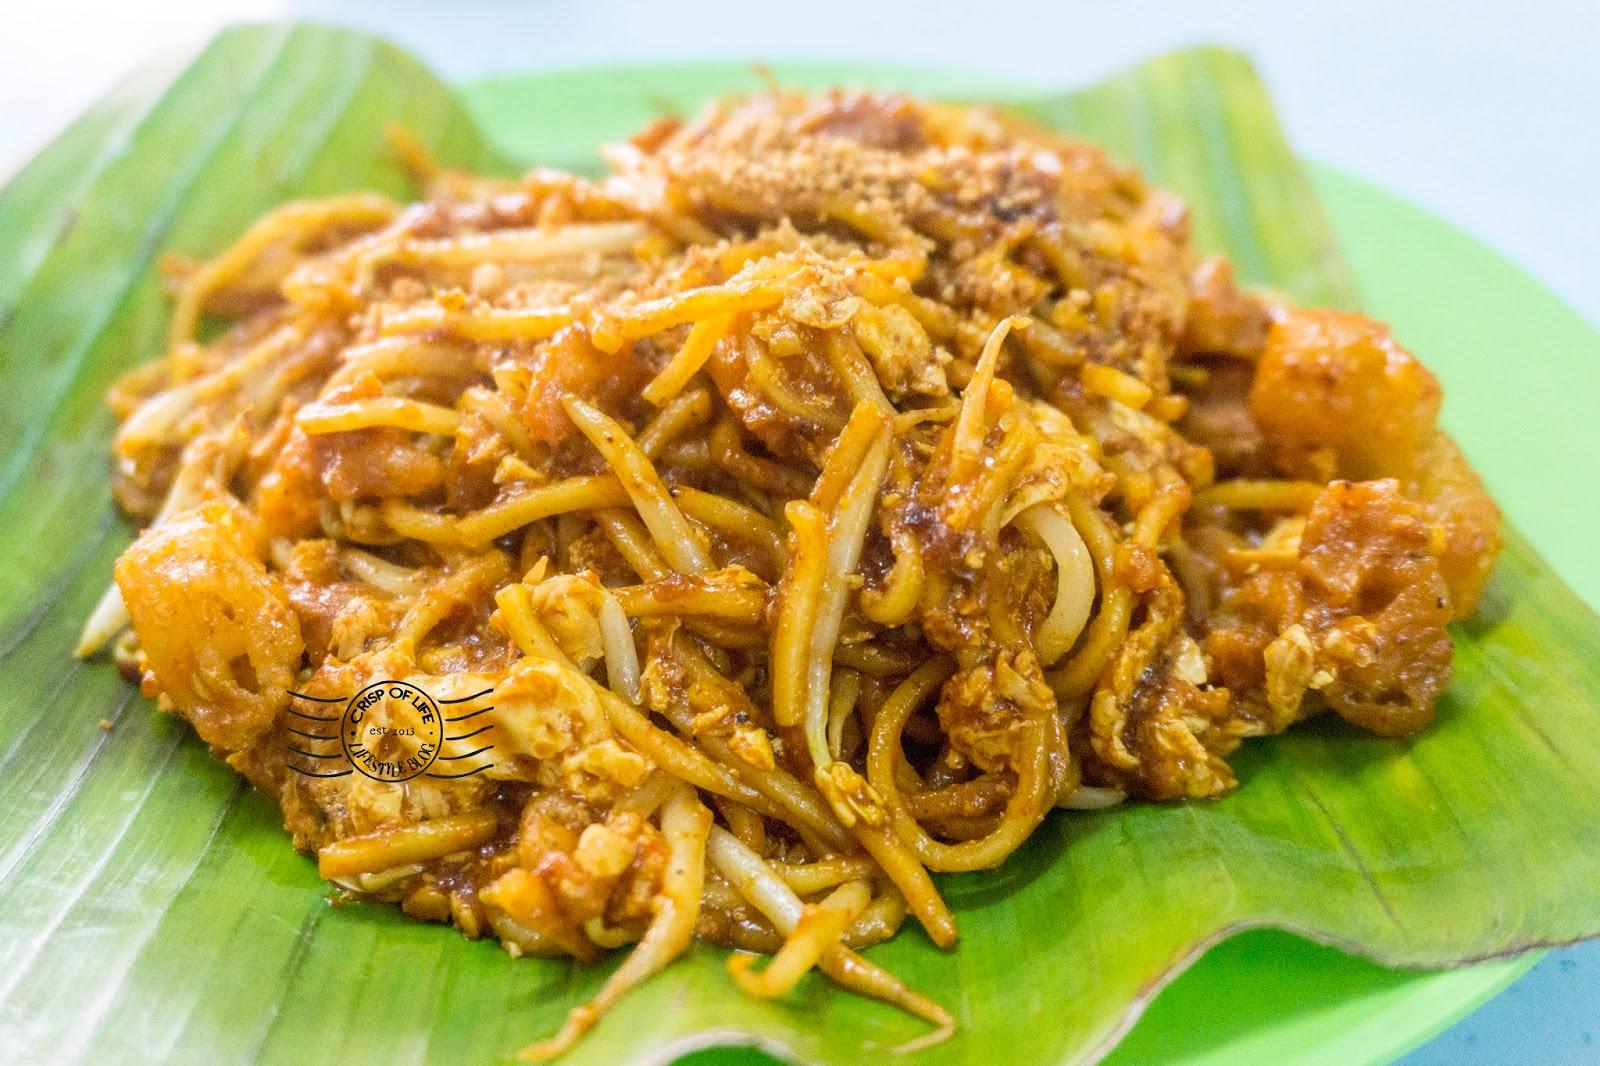 Mee Goreng @ H & P Eatery 太子茶室, Sungai Ara, Bayan Lepas, Penang